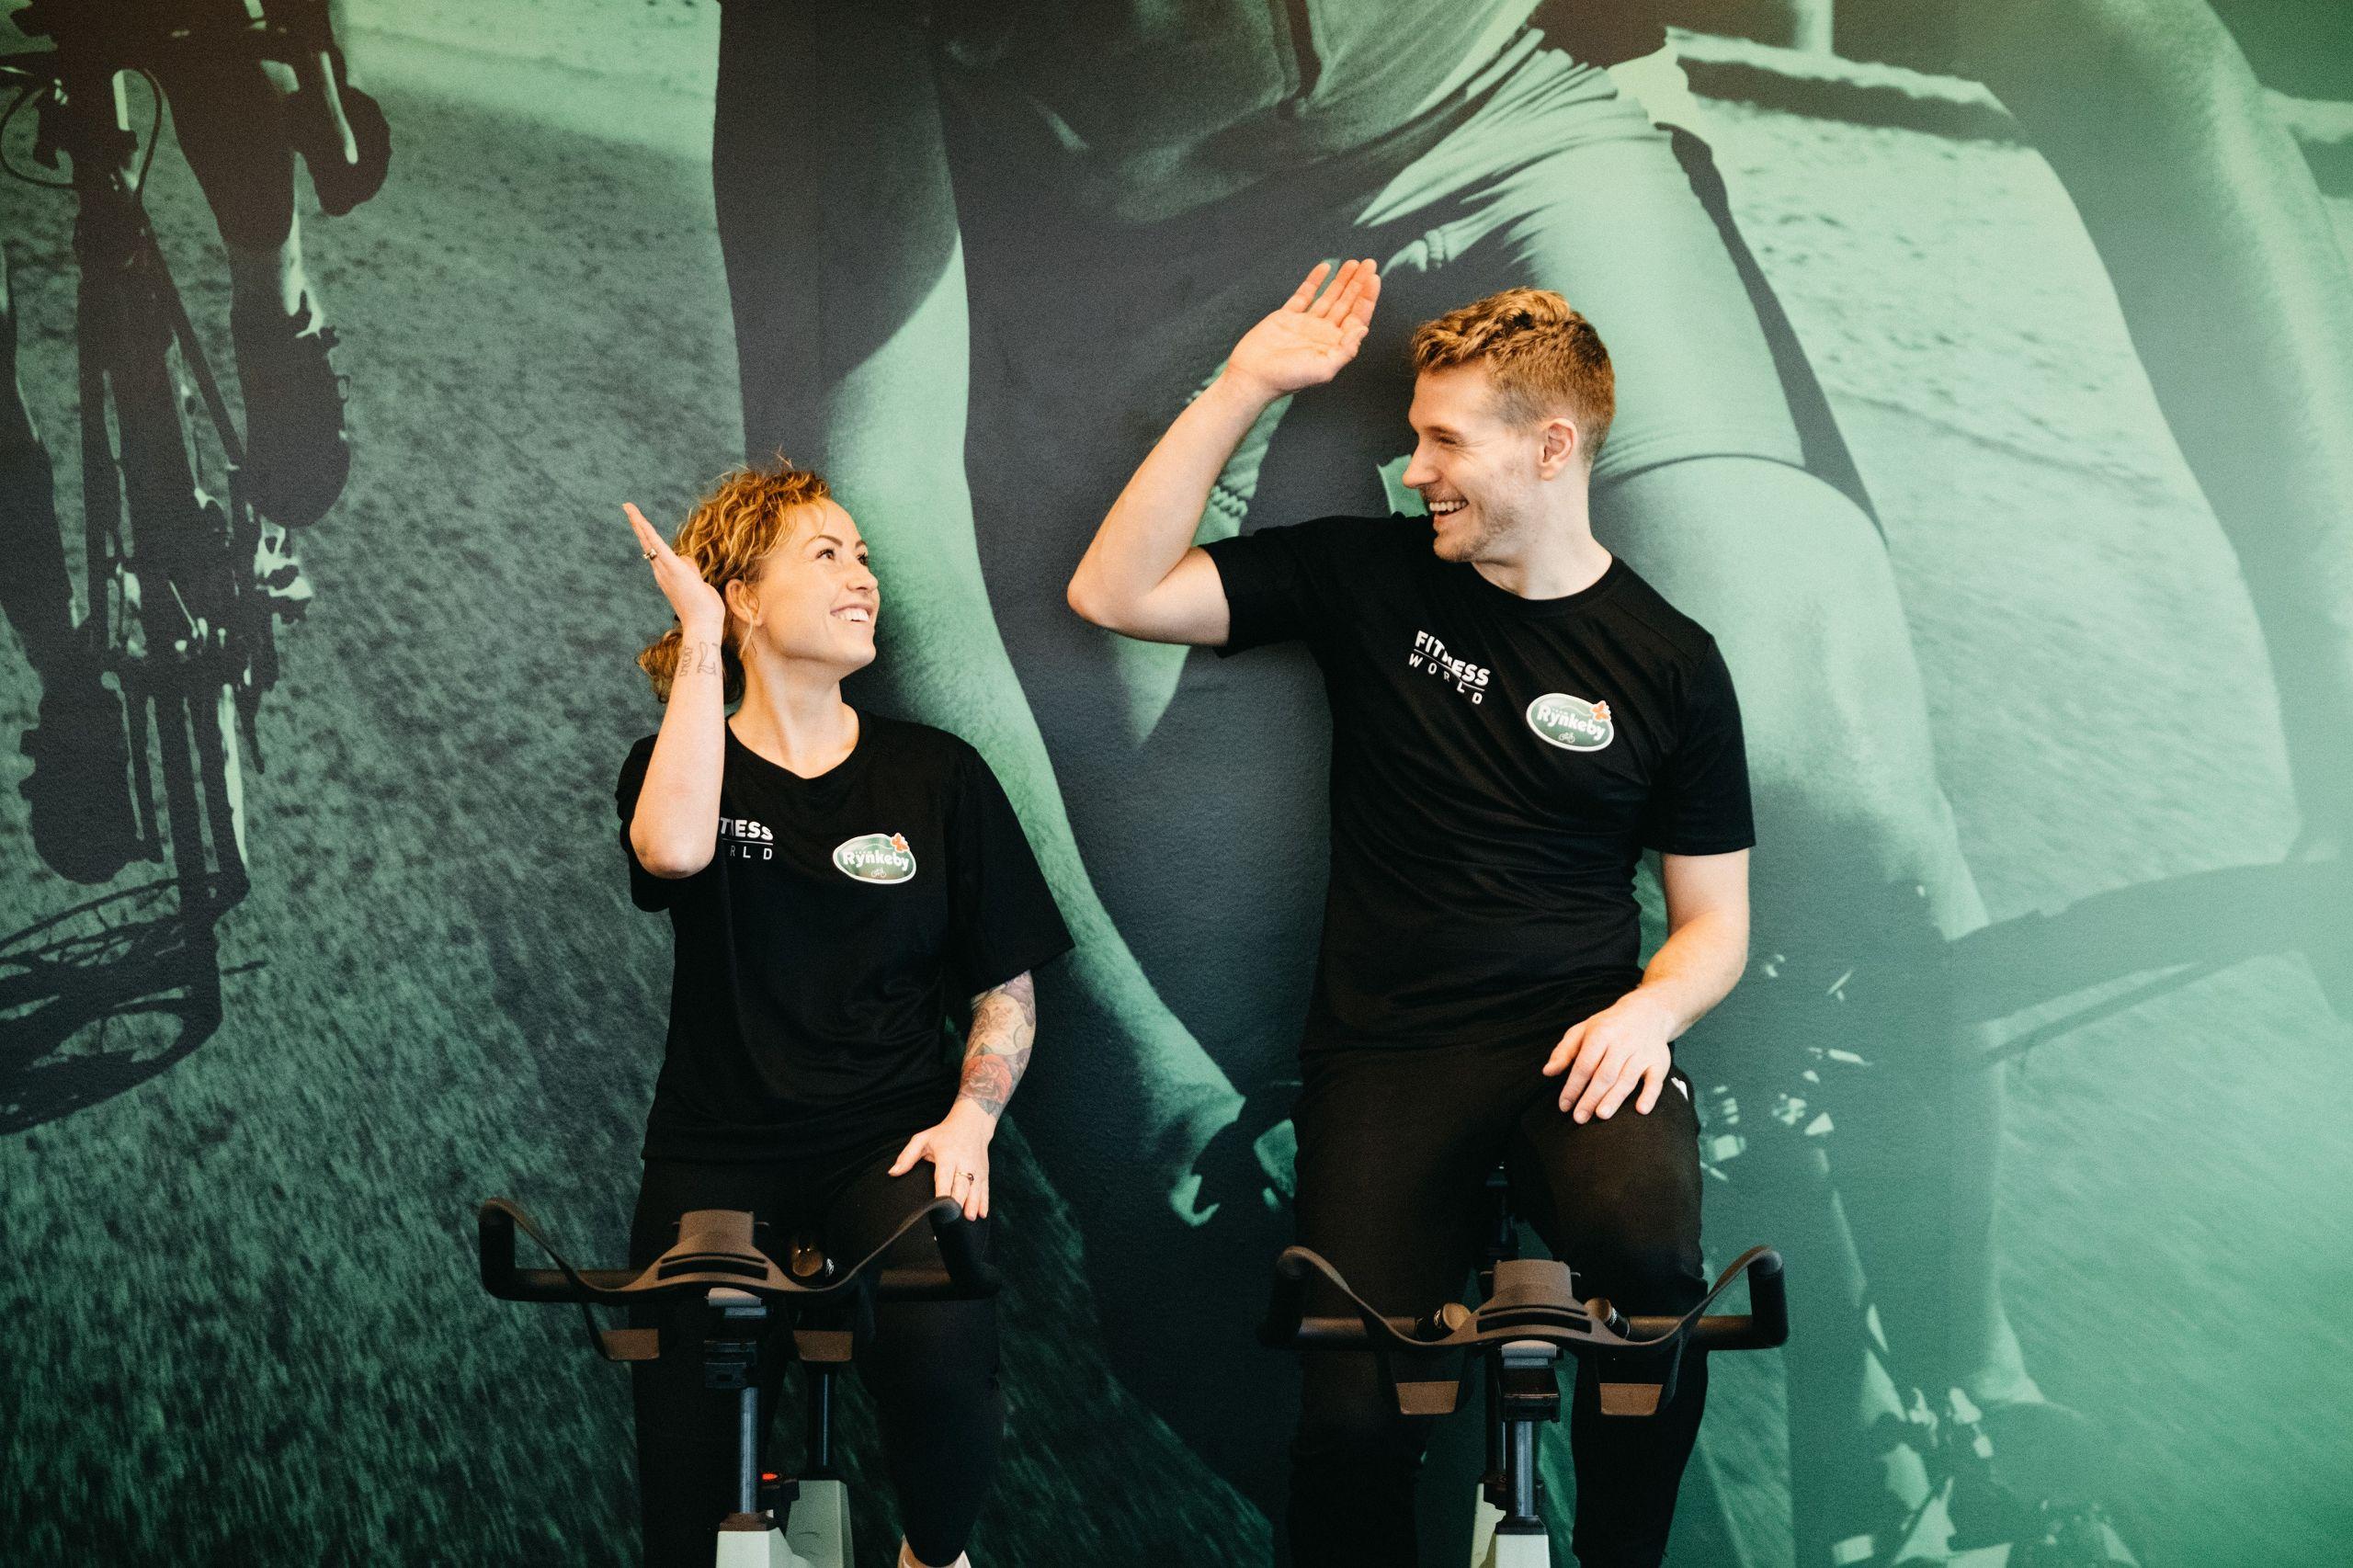 Også her i Aalborg kan du være med til at cykle penge ind til kræftramte børn. PR-foto